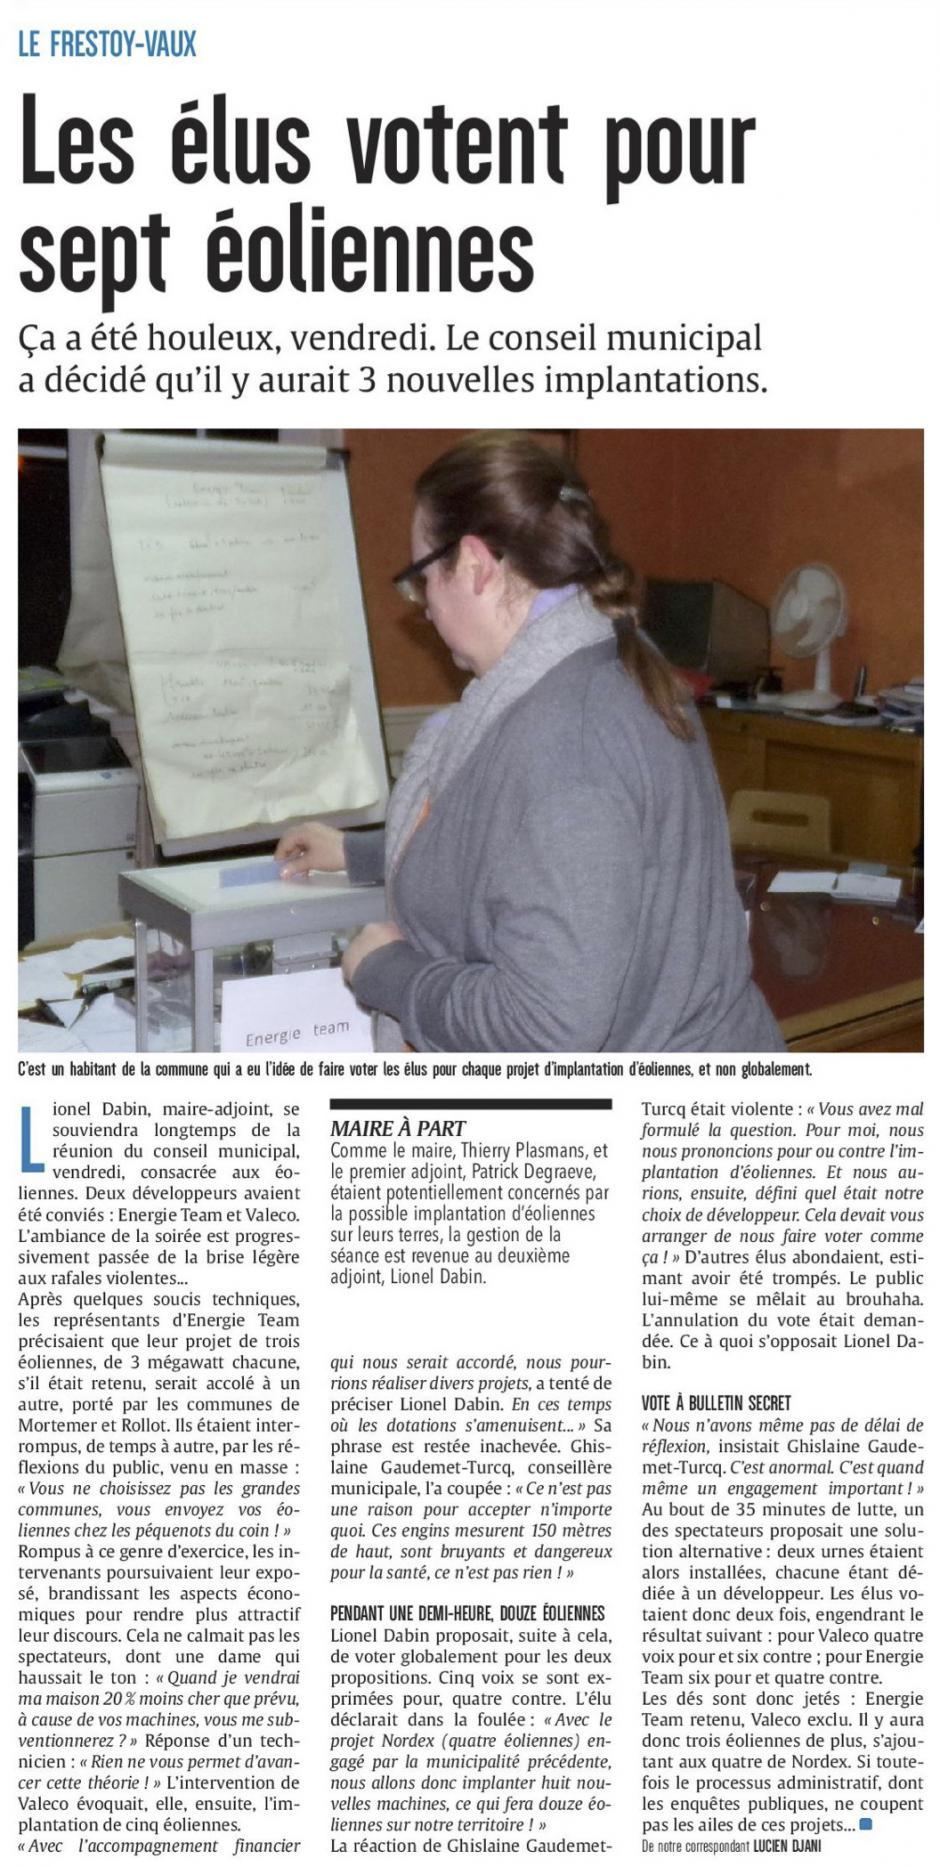 20170320-CP-Le Frestoy-Vaux-Les élus votent pour sept éoliennes